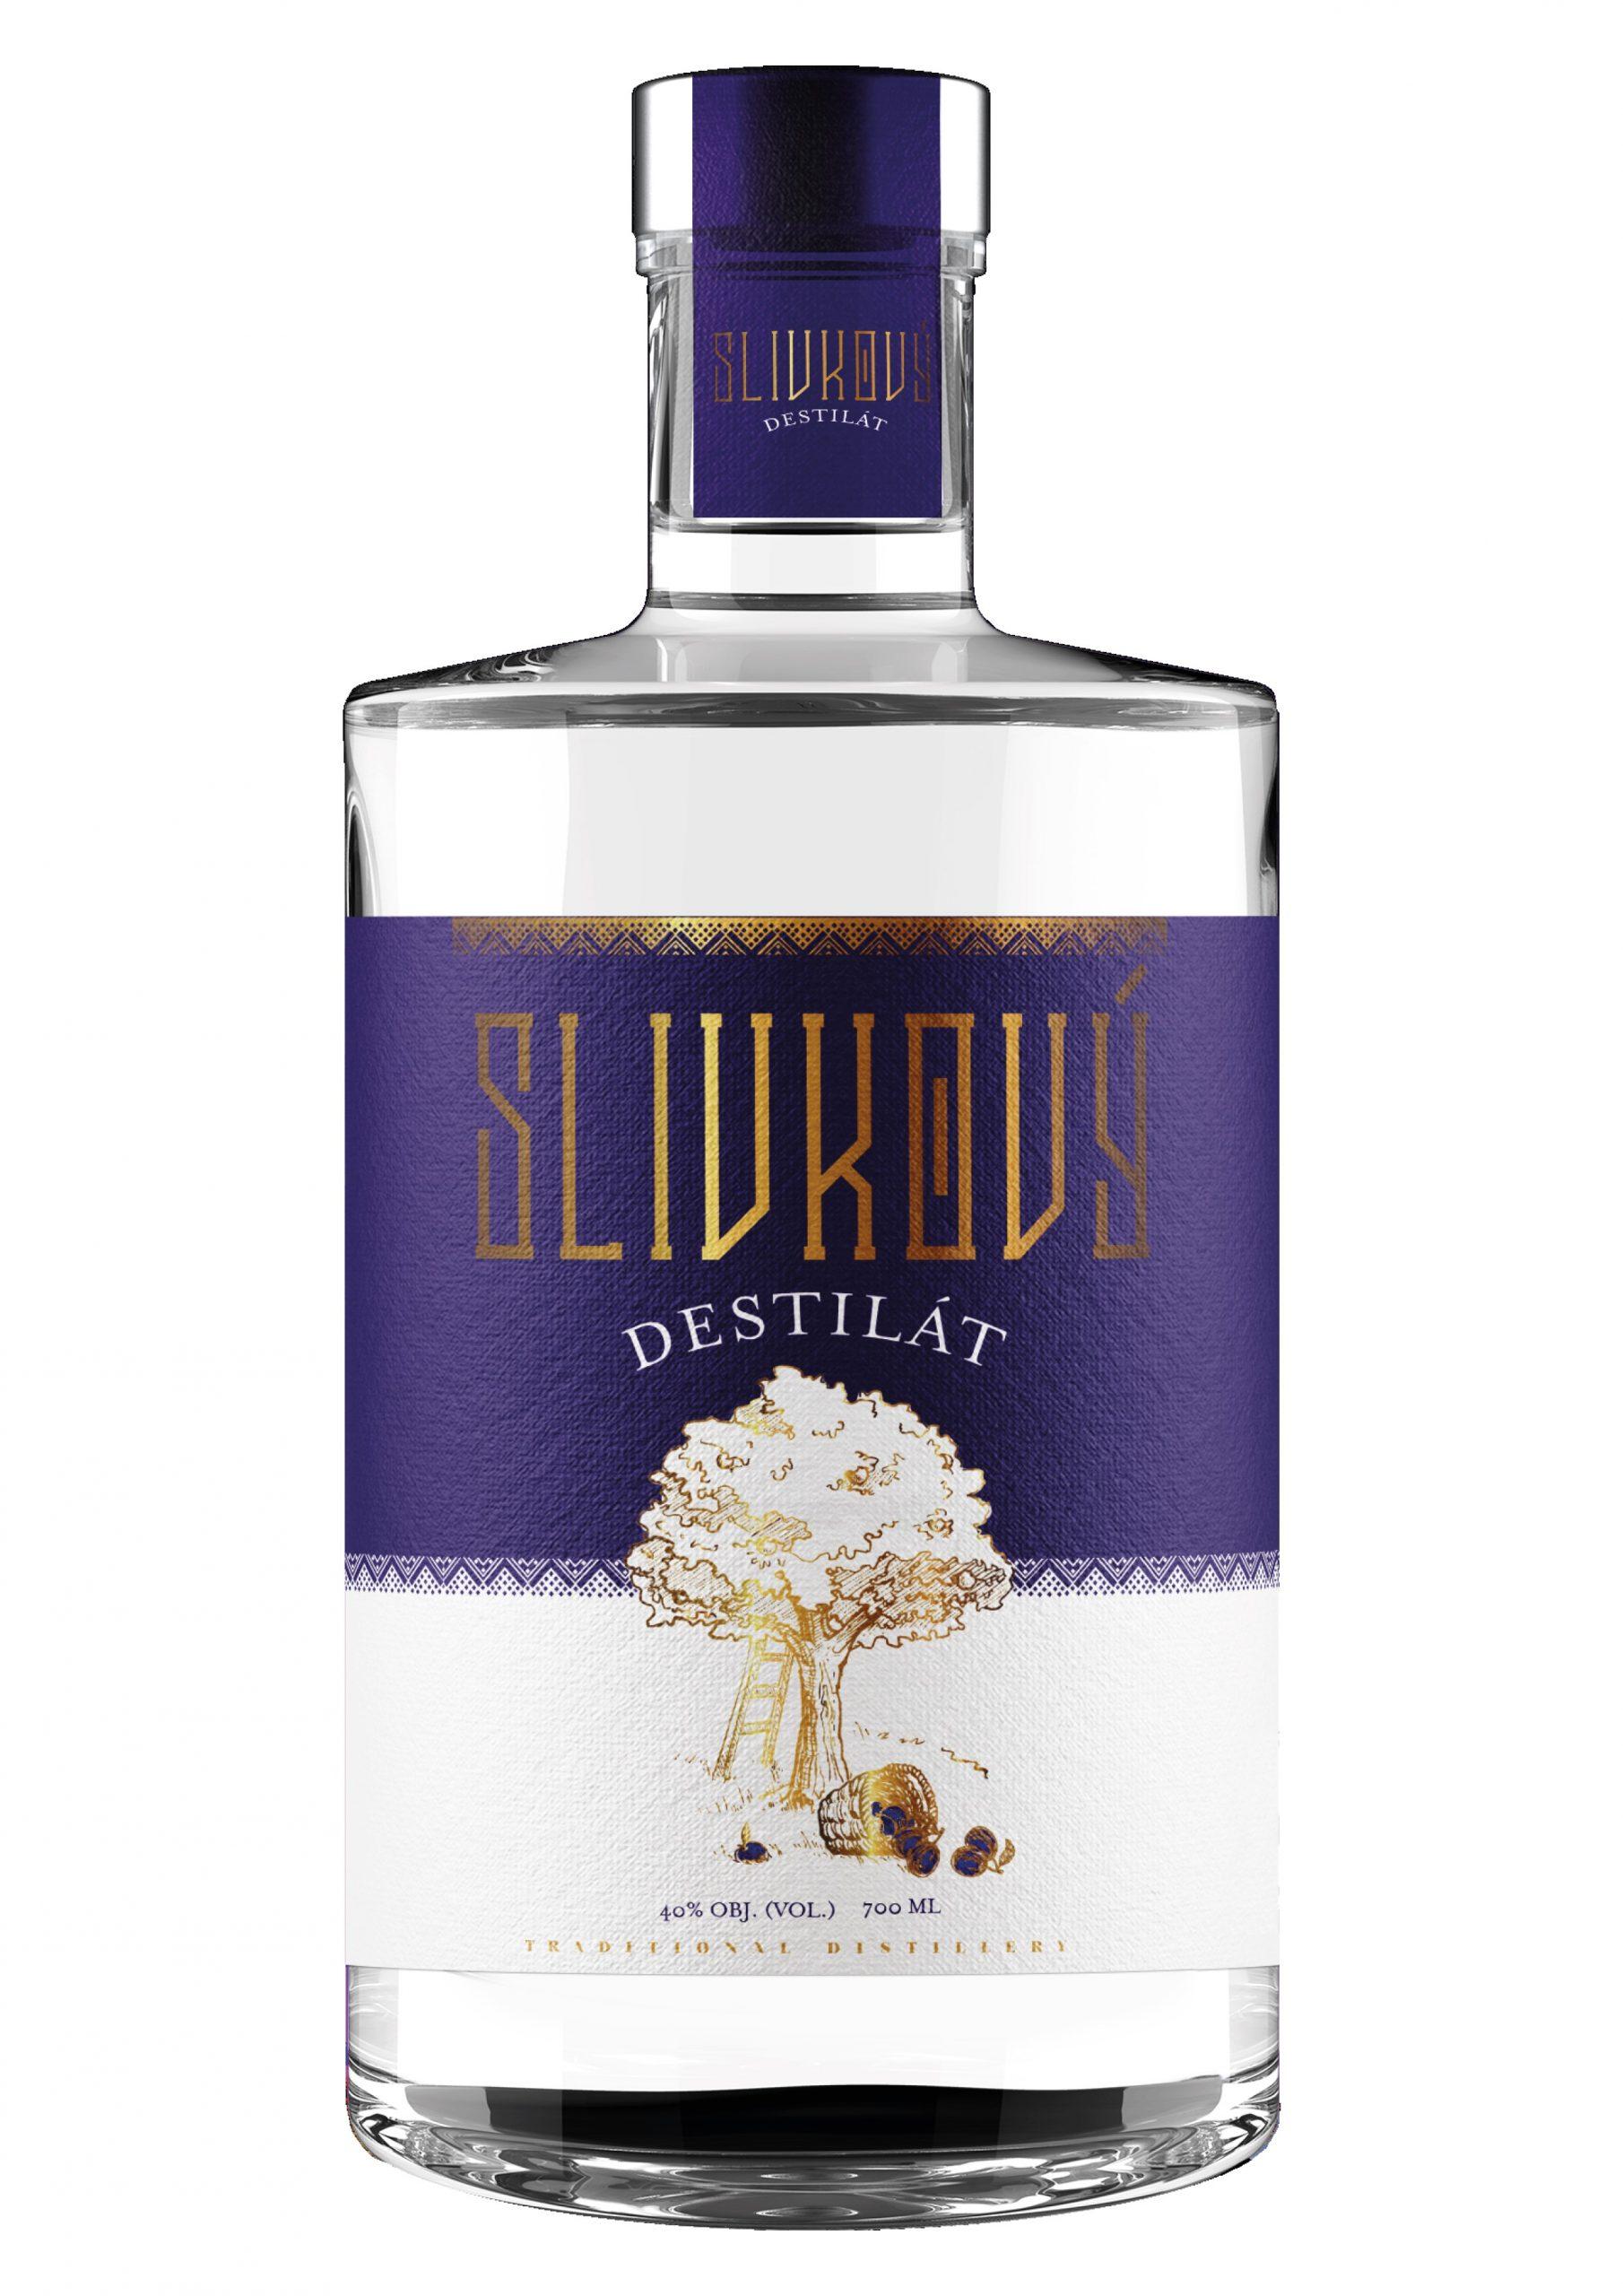 Slivkovy destilat 40 scaled 1 - Slivkový destilát 40%